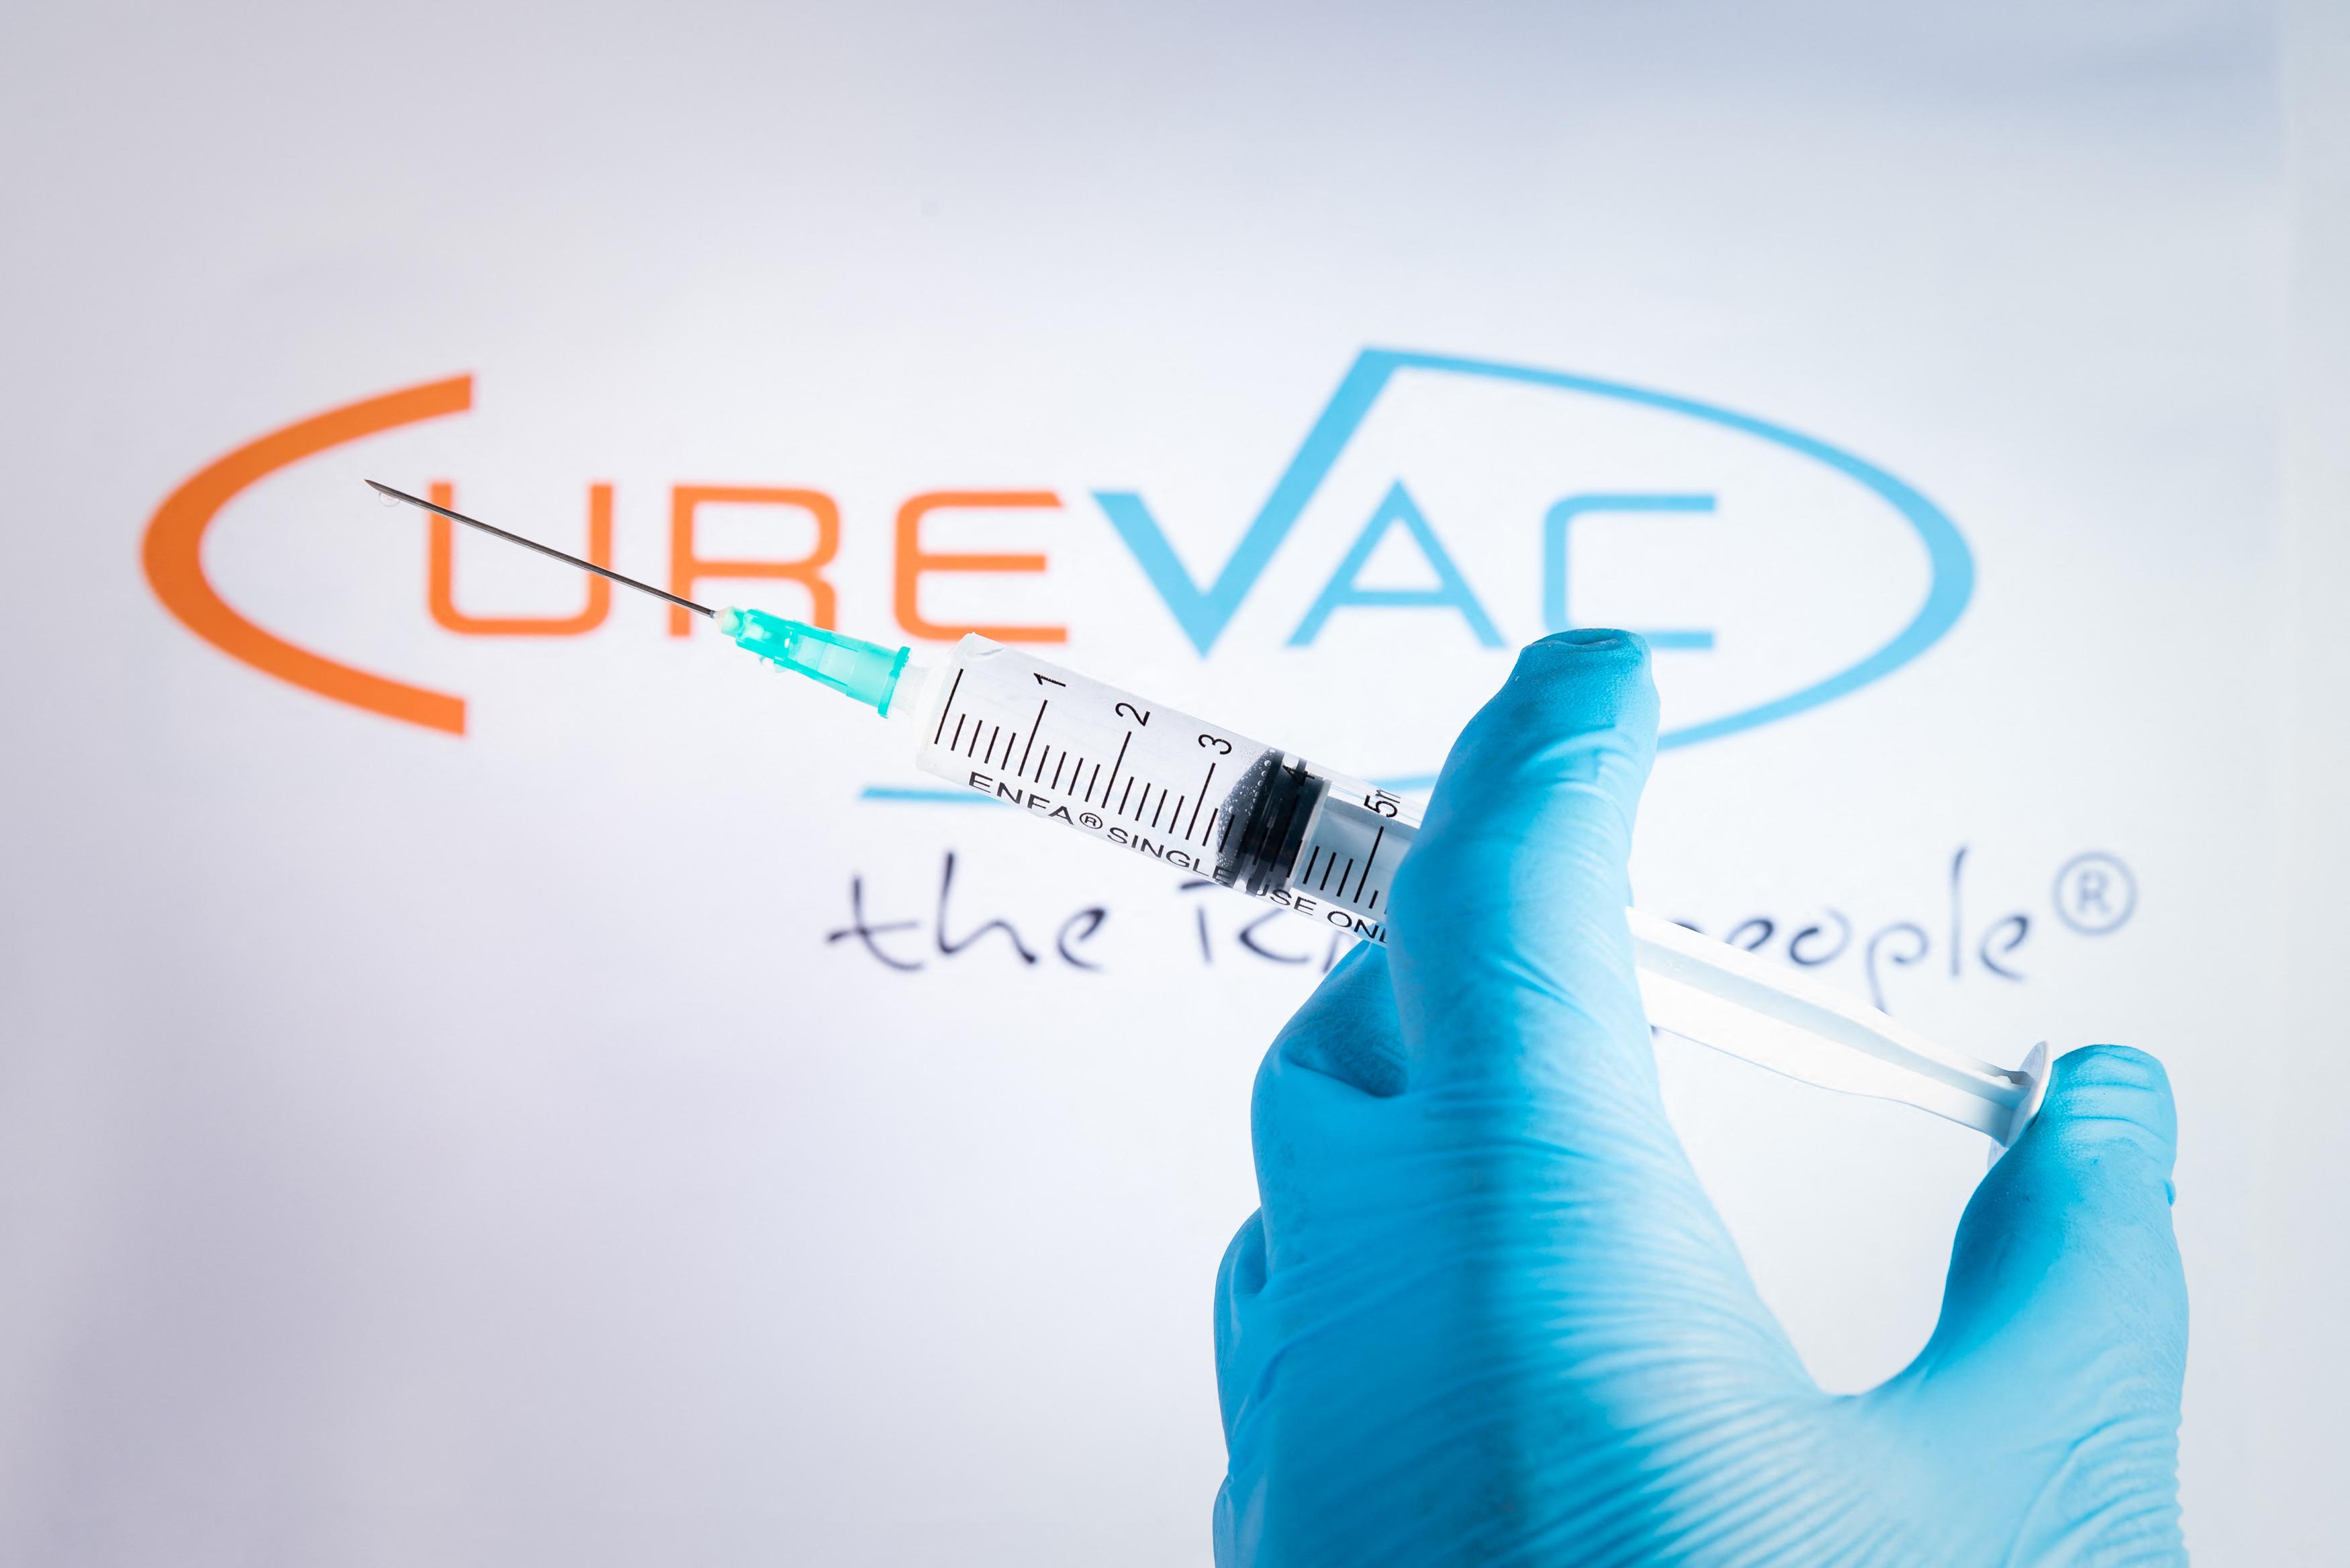 Használhatatlan lett a német CureVac koronavírusoltása